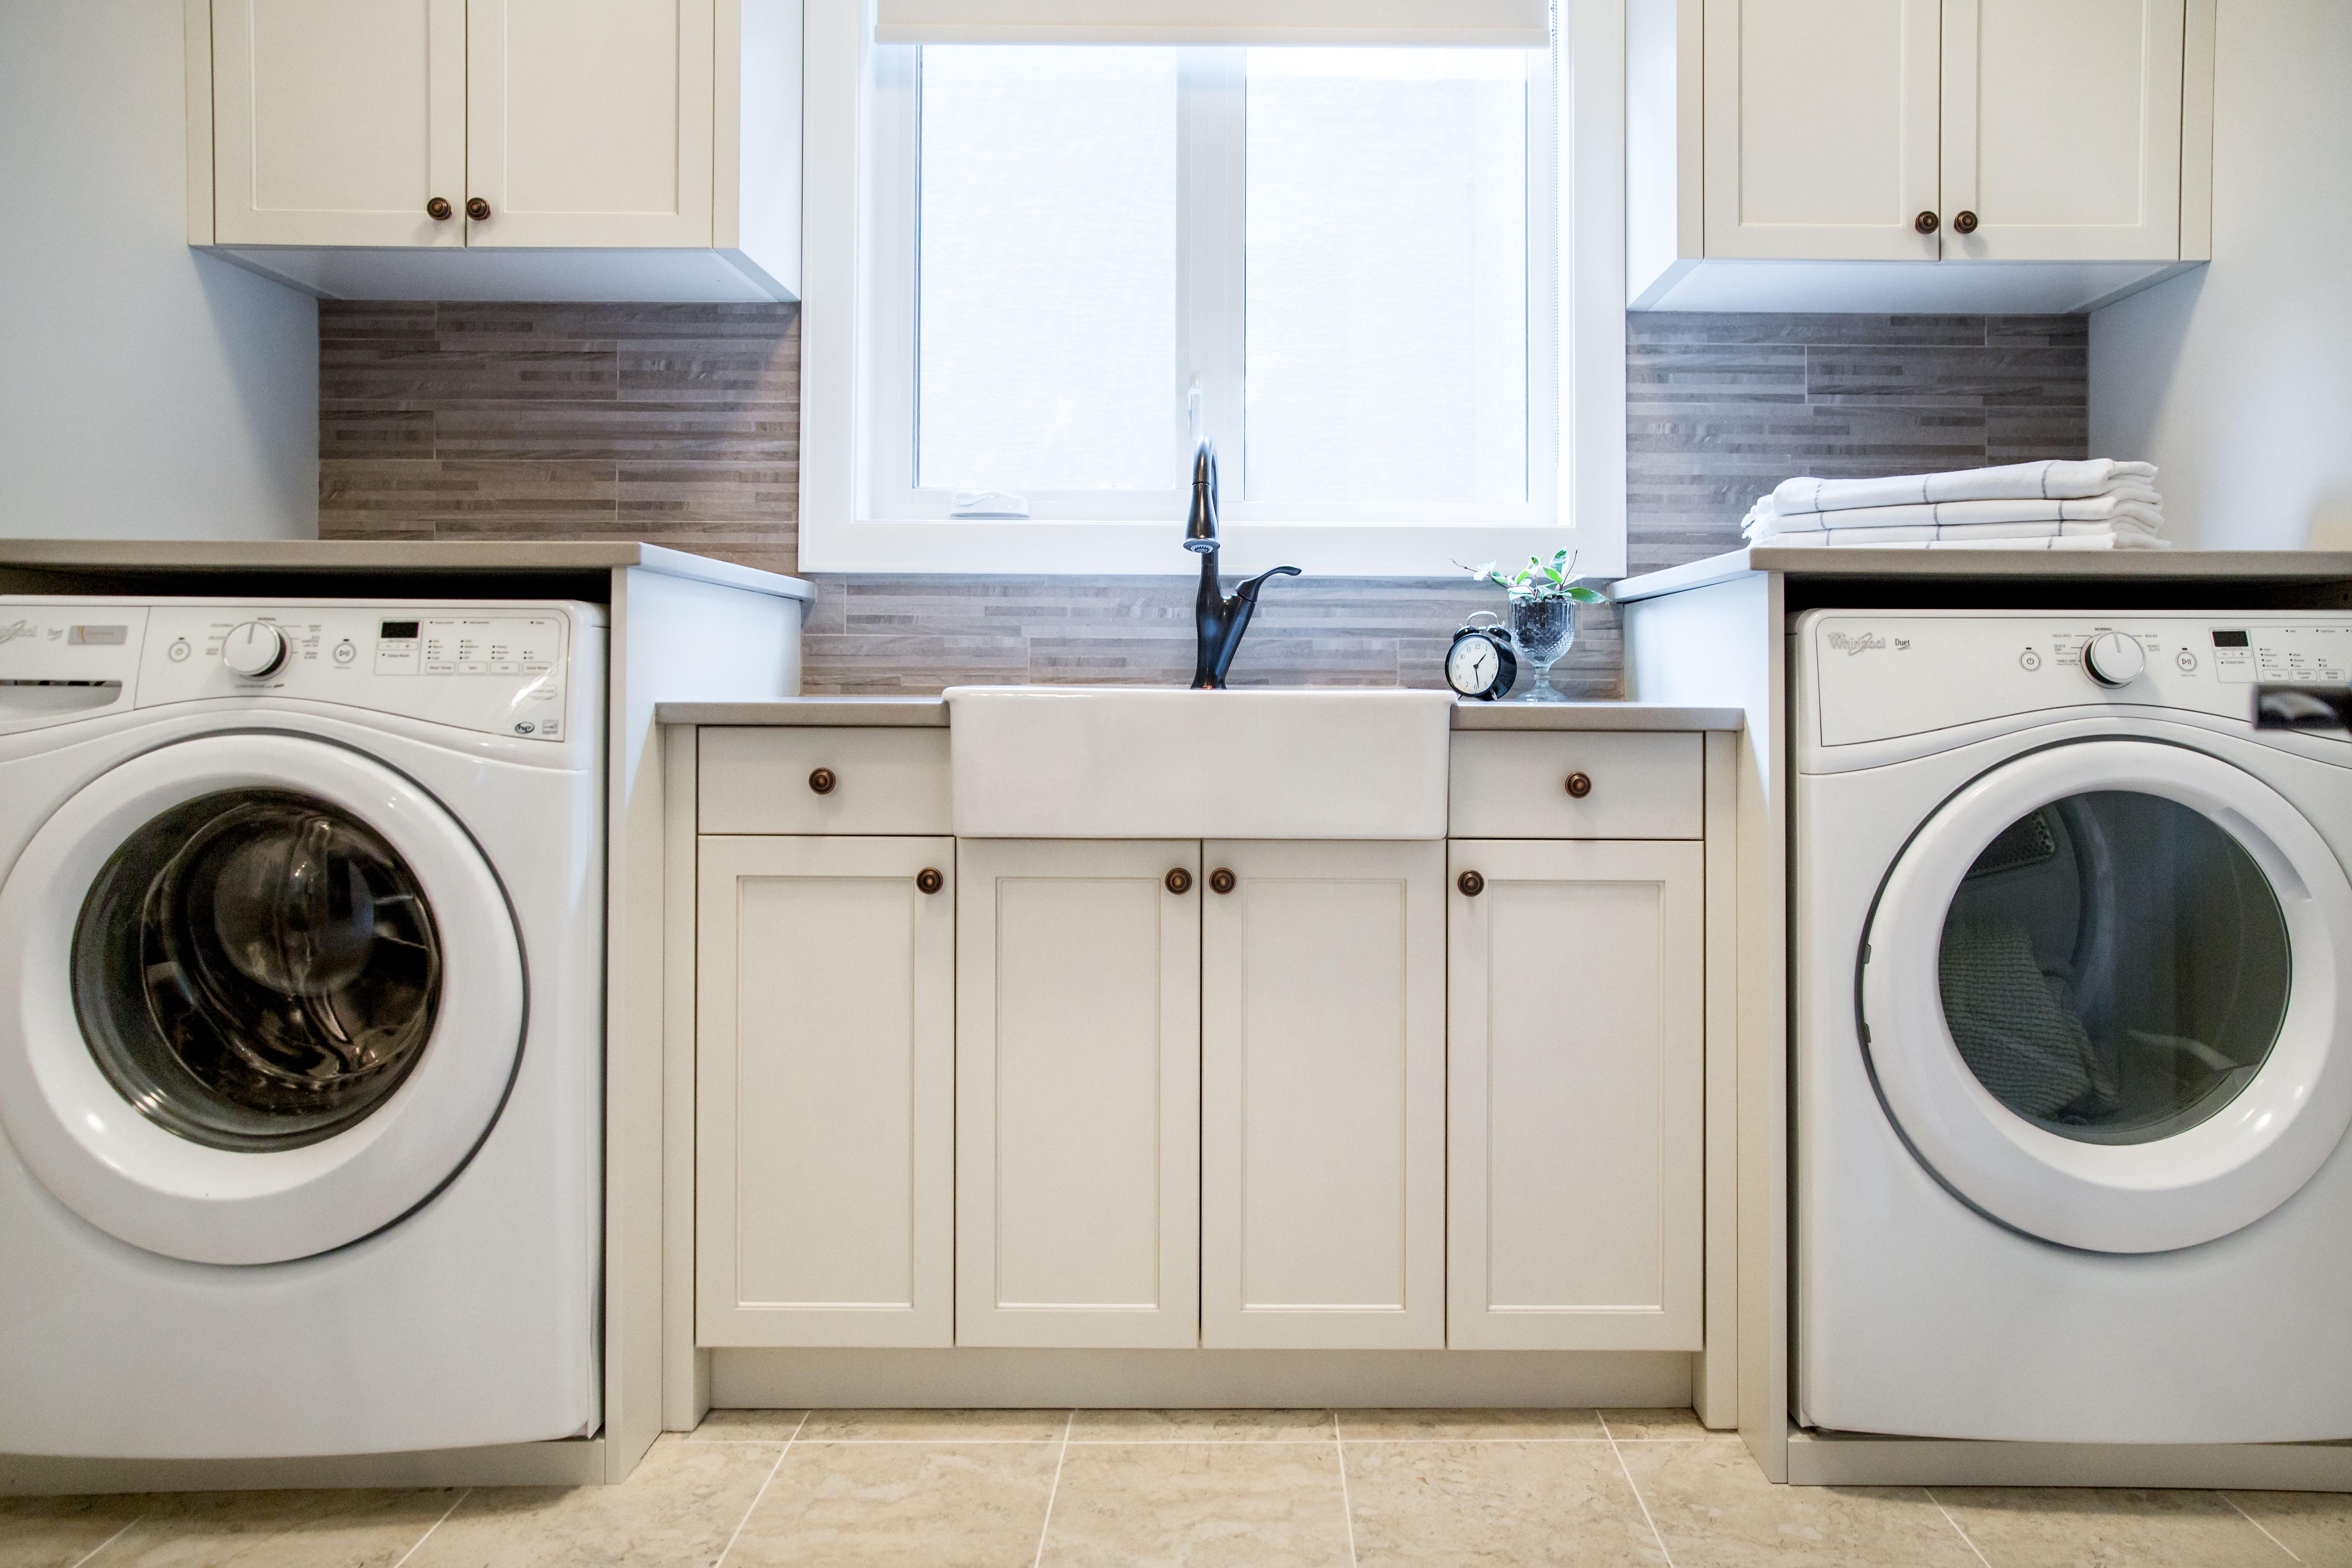 Laundry Room Renovation by Kelowna Interior Designer » Natalie Fuglestveit Interior Design